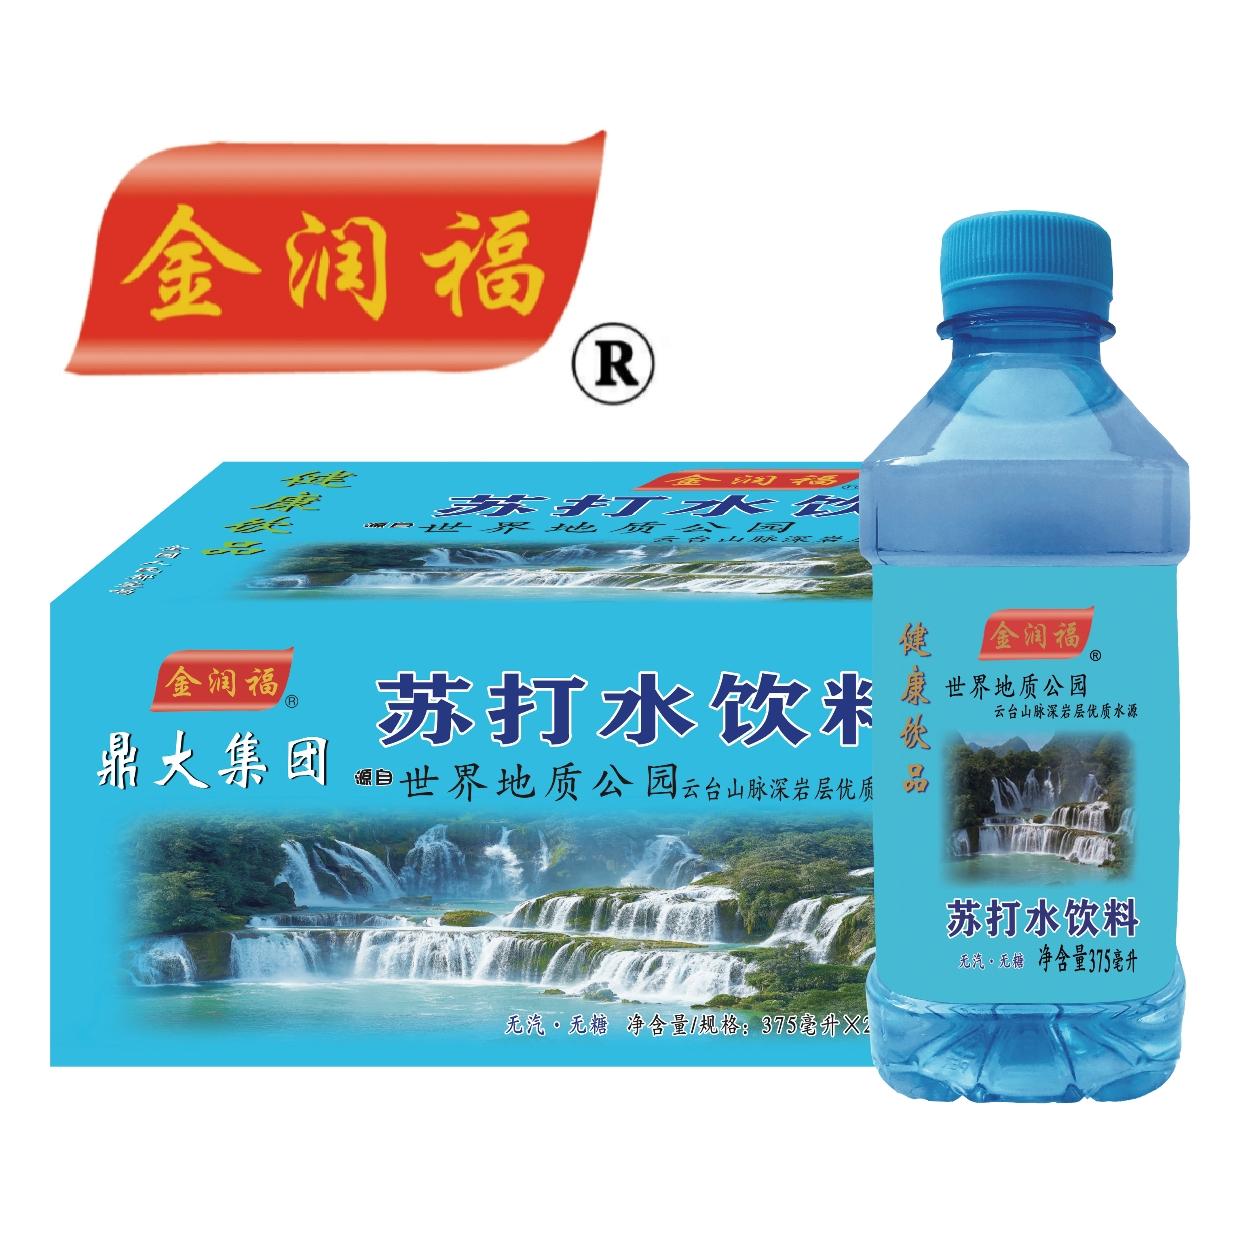 金润福苏打水375mlx24